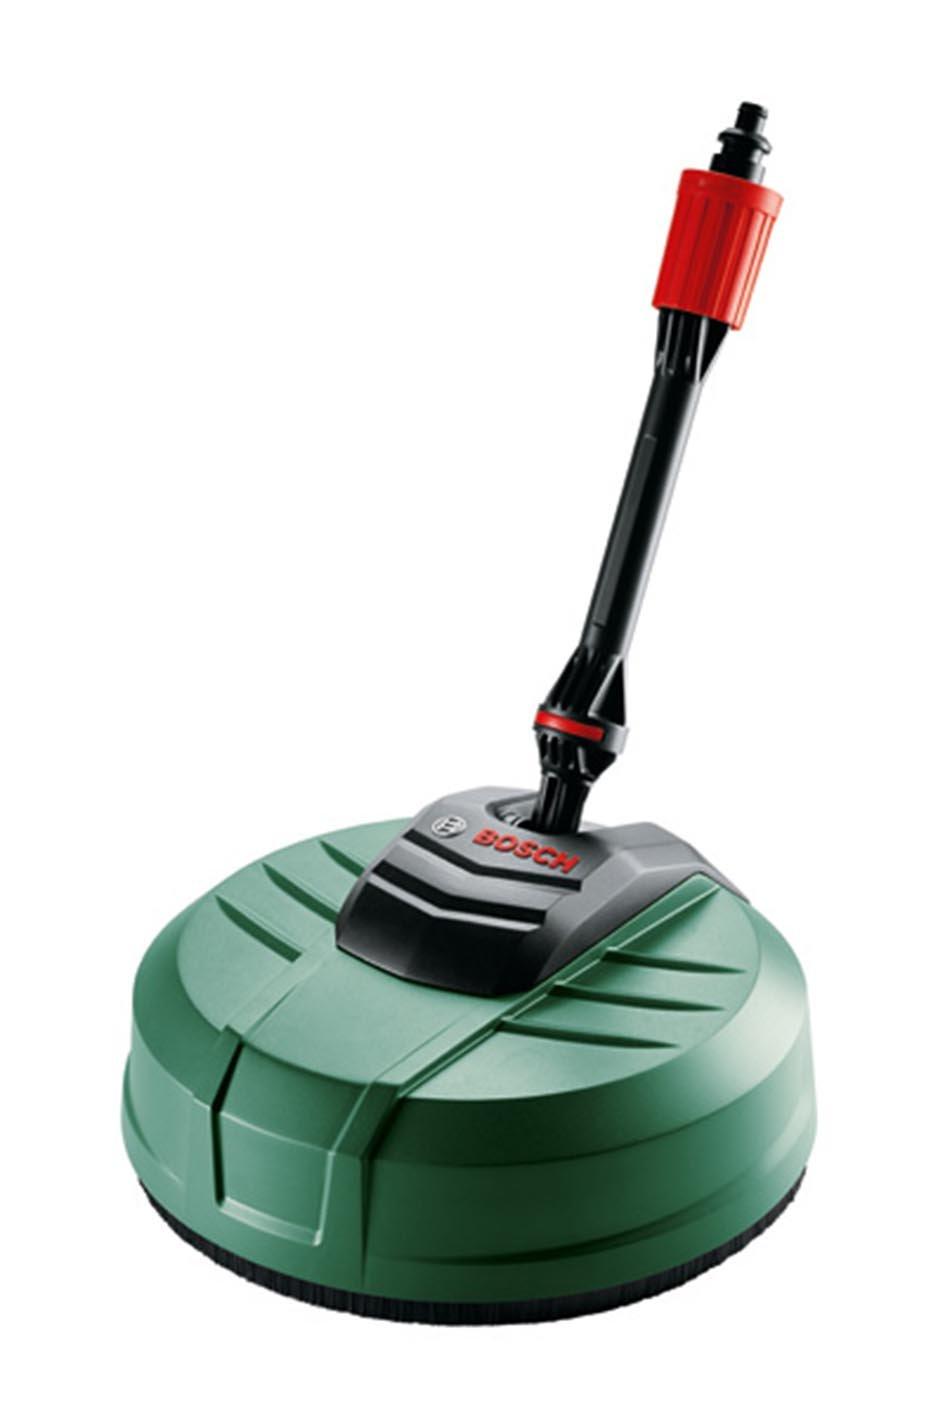 Bosch f016800486Aquasurf 250Hochdruckreiniger für verschiedene Oberflächen für, Hochdruckreiniger grün Hochdruckreiniger grün